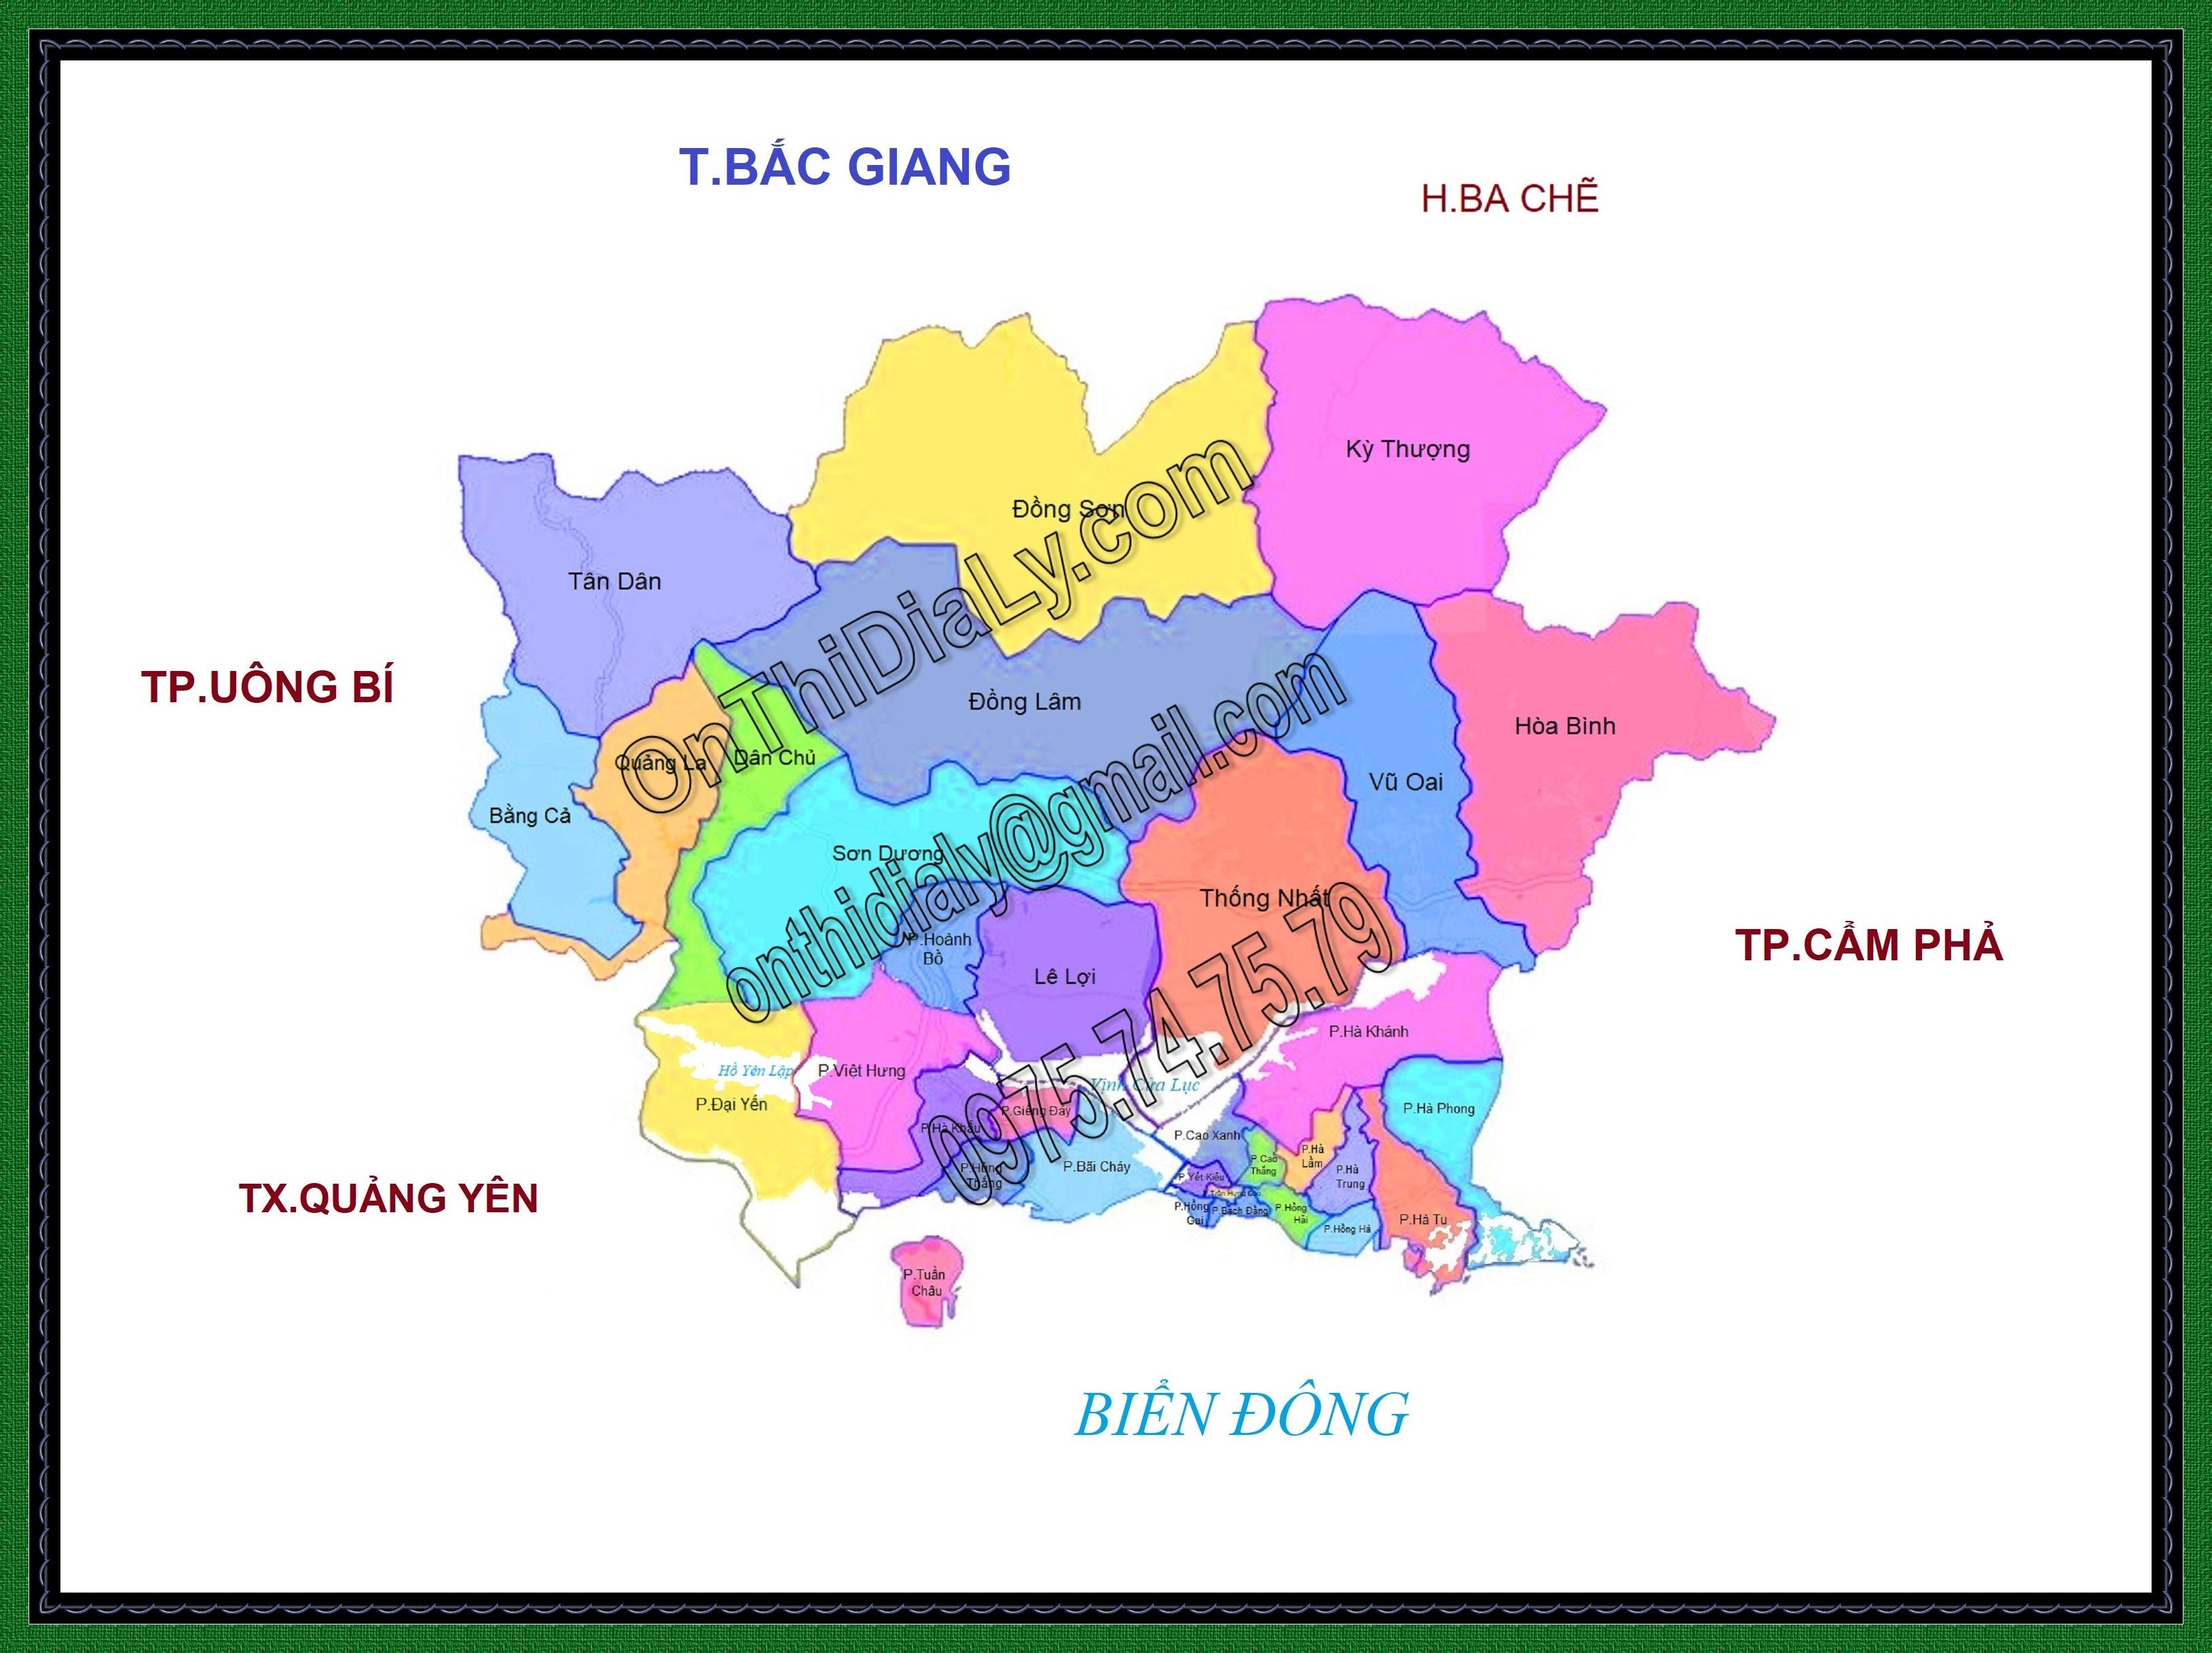 Bản đồ Thành phố Hạ Long, tỉnh Quảng Ninh